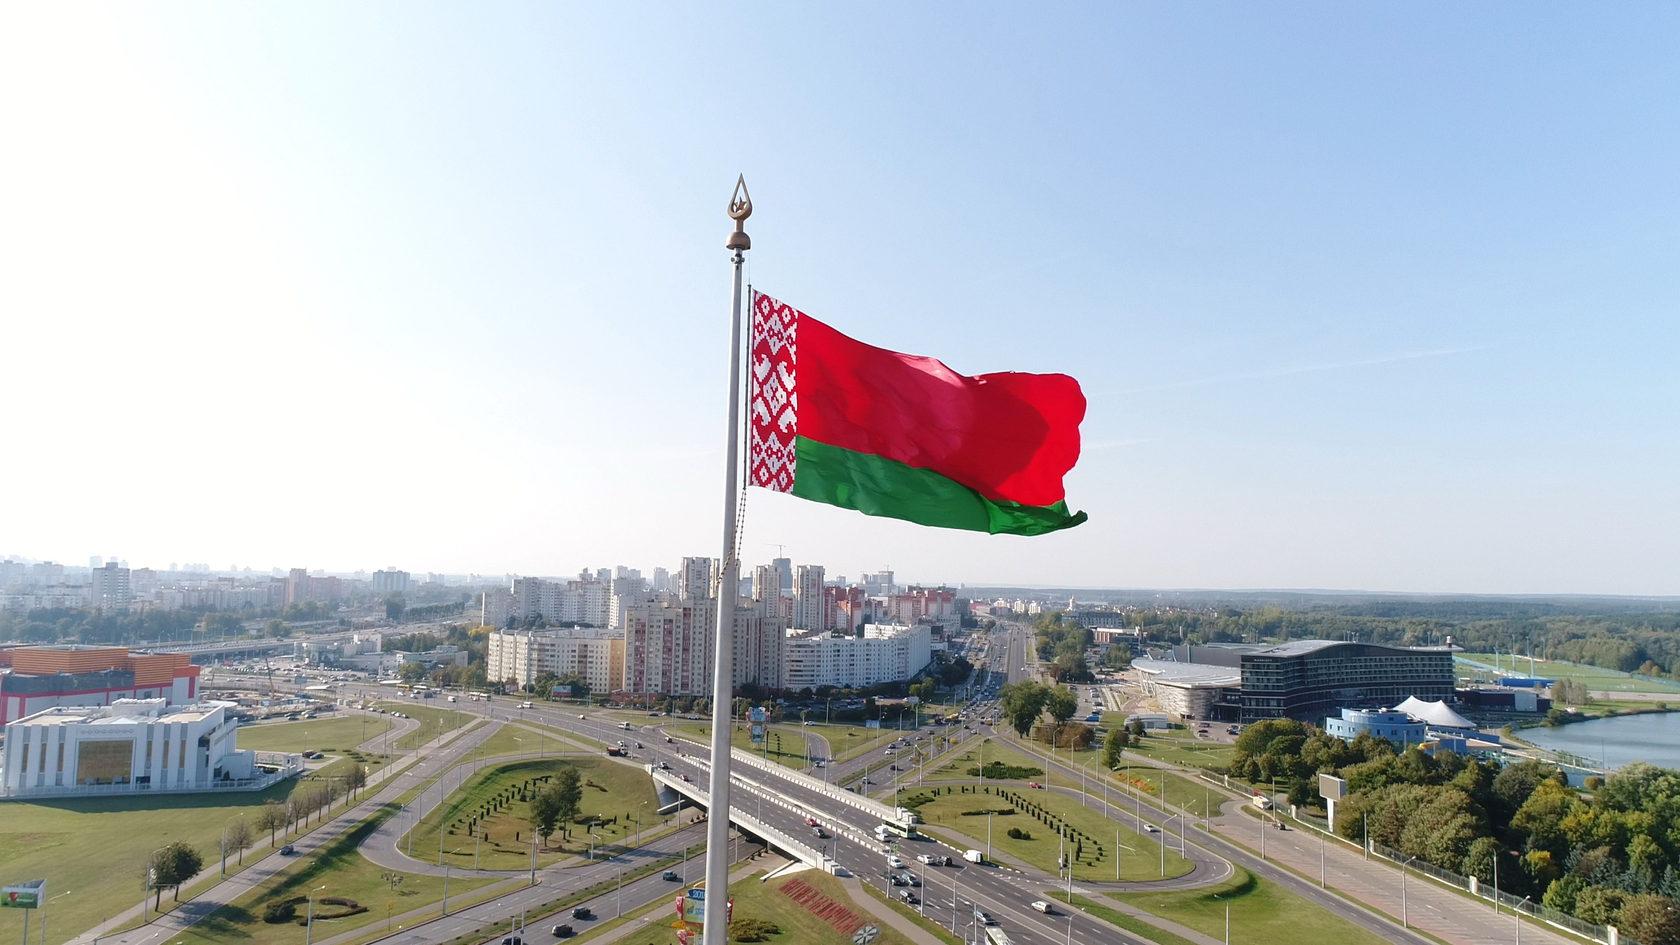 Потуги Белоруссии спасти экономику привели к завалу продовольственных складов Белоруссия,Кризис,Лукашенко,Экономика,Мир